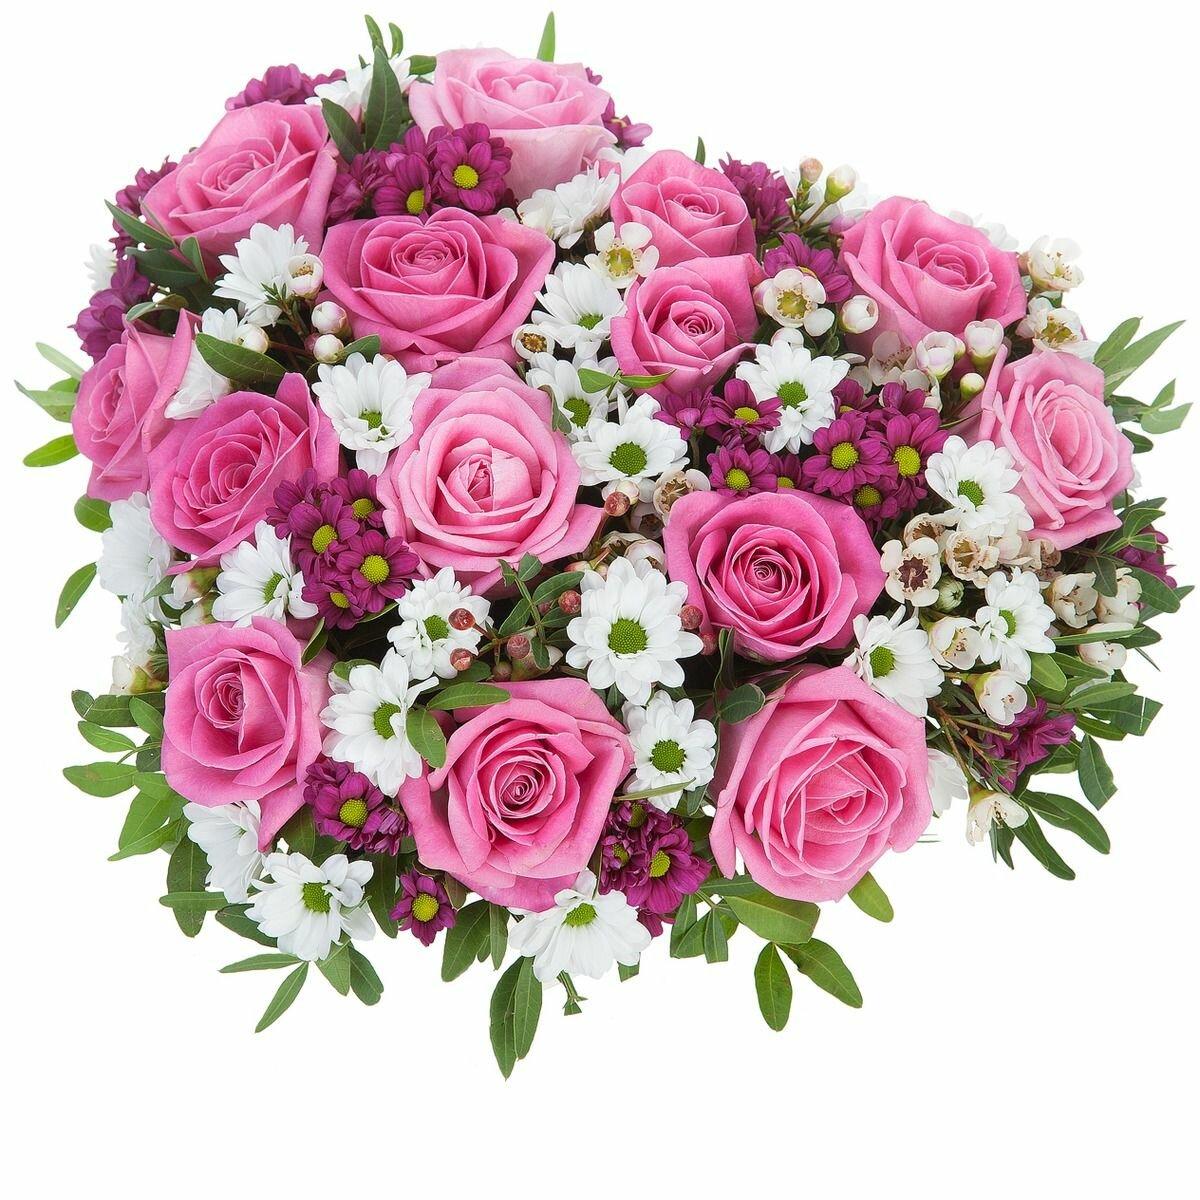 Леса гиф, открытки красивых цветов букетов